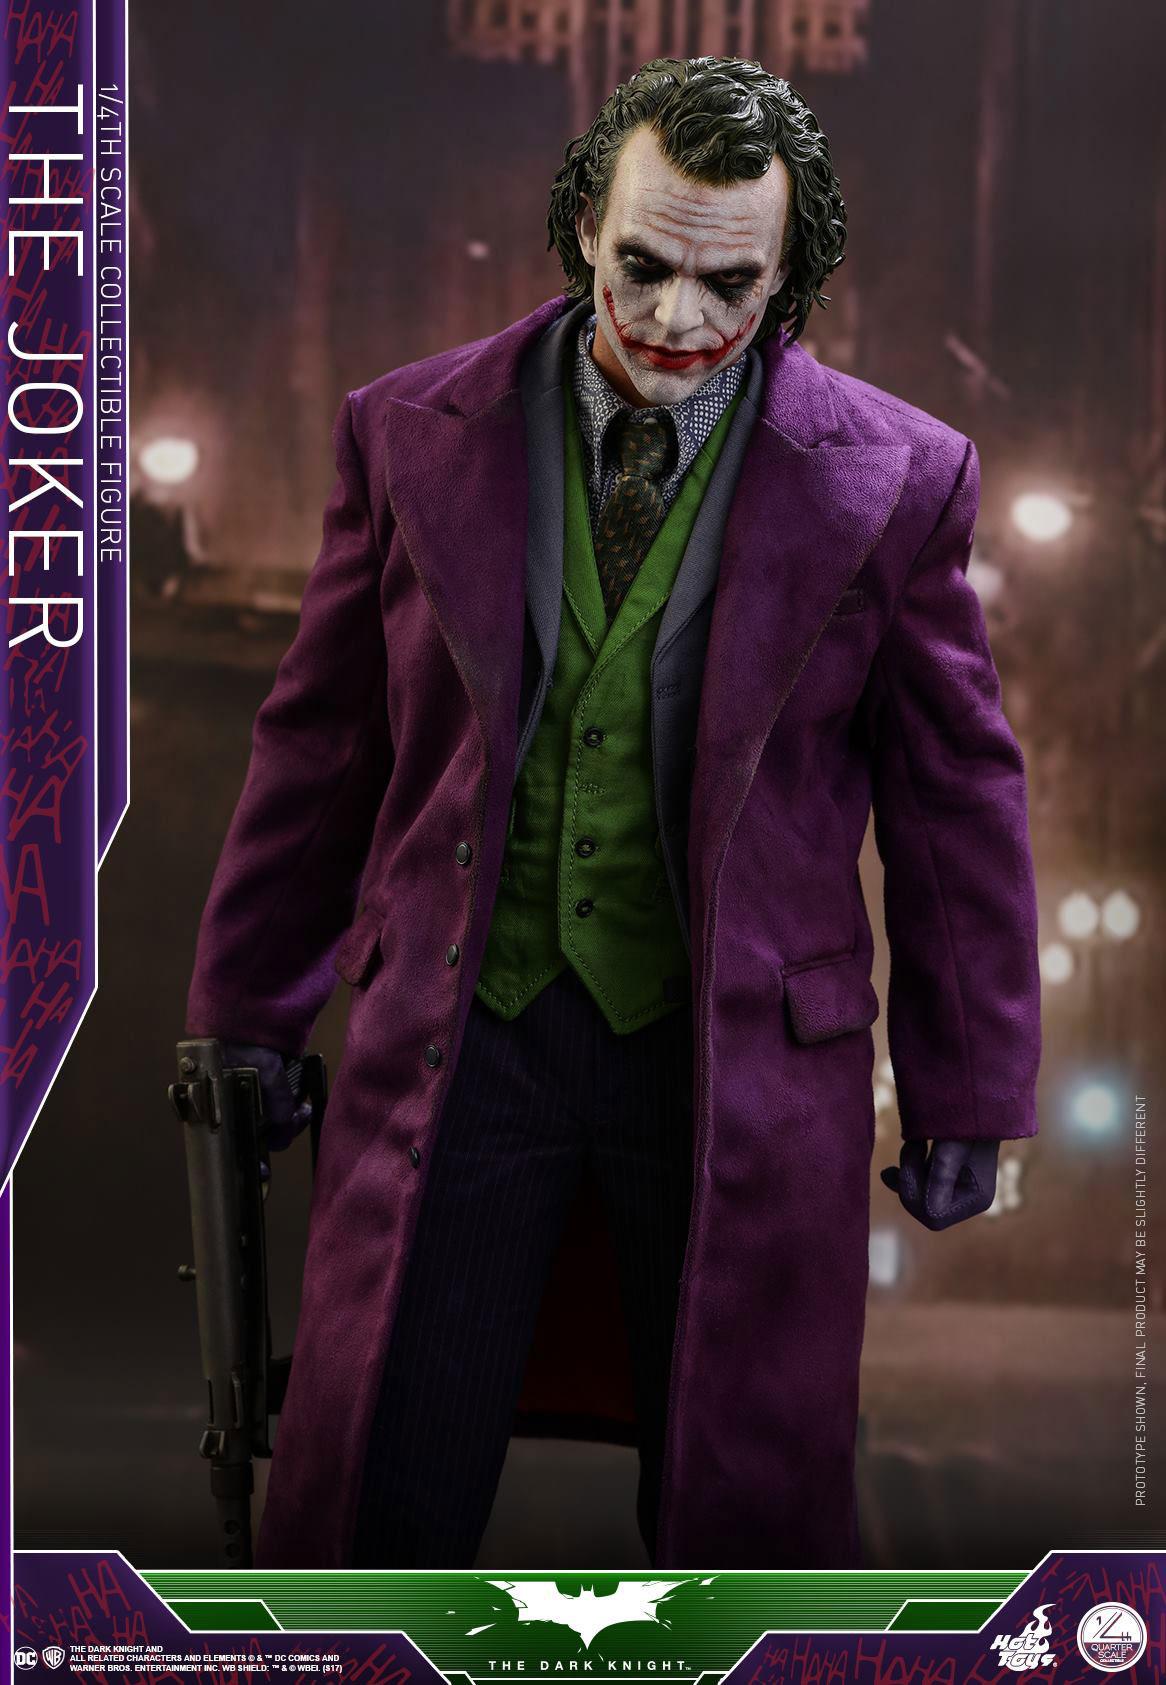 the-dark-knight-joker-hot-toys-figure-10